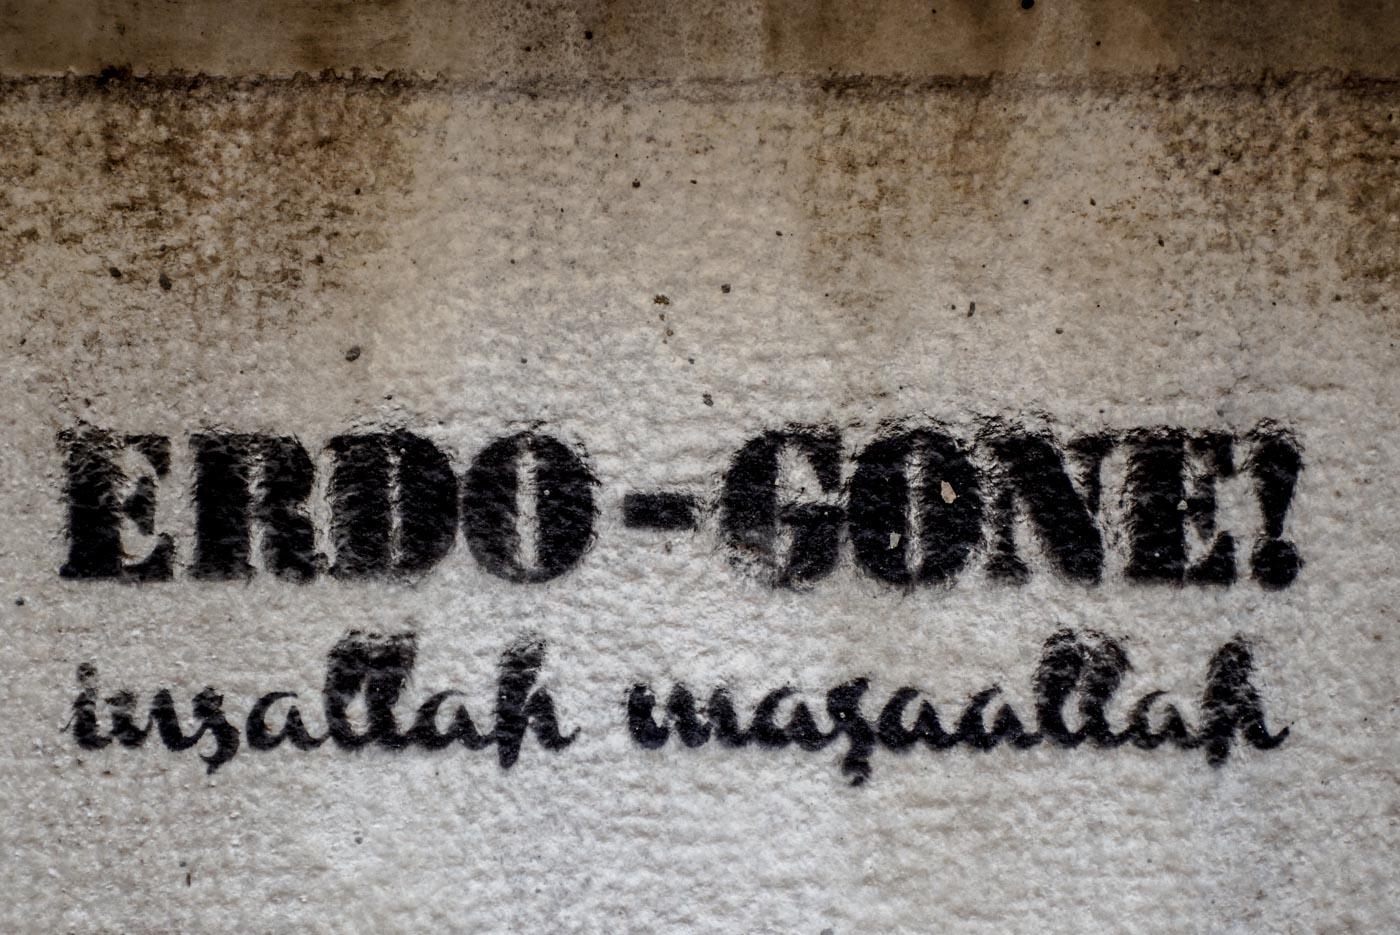 Nahaufnahme eines Graffitis in Istanbul. In schwarzer Schrift geht steht geschrieben erdo - gone! Insallah masaallah